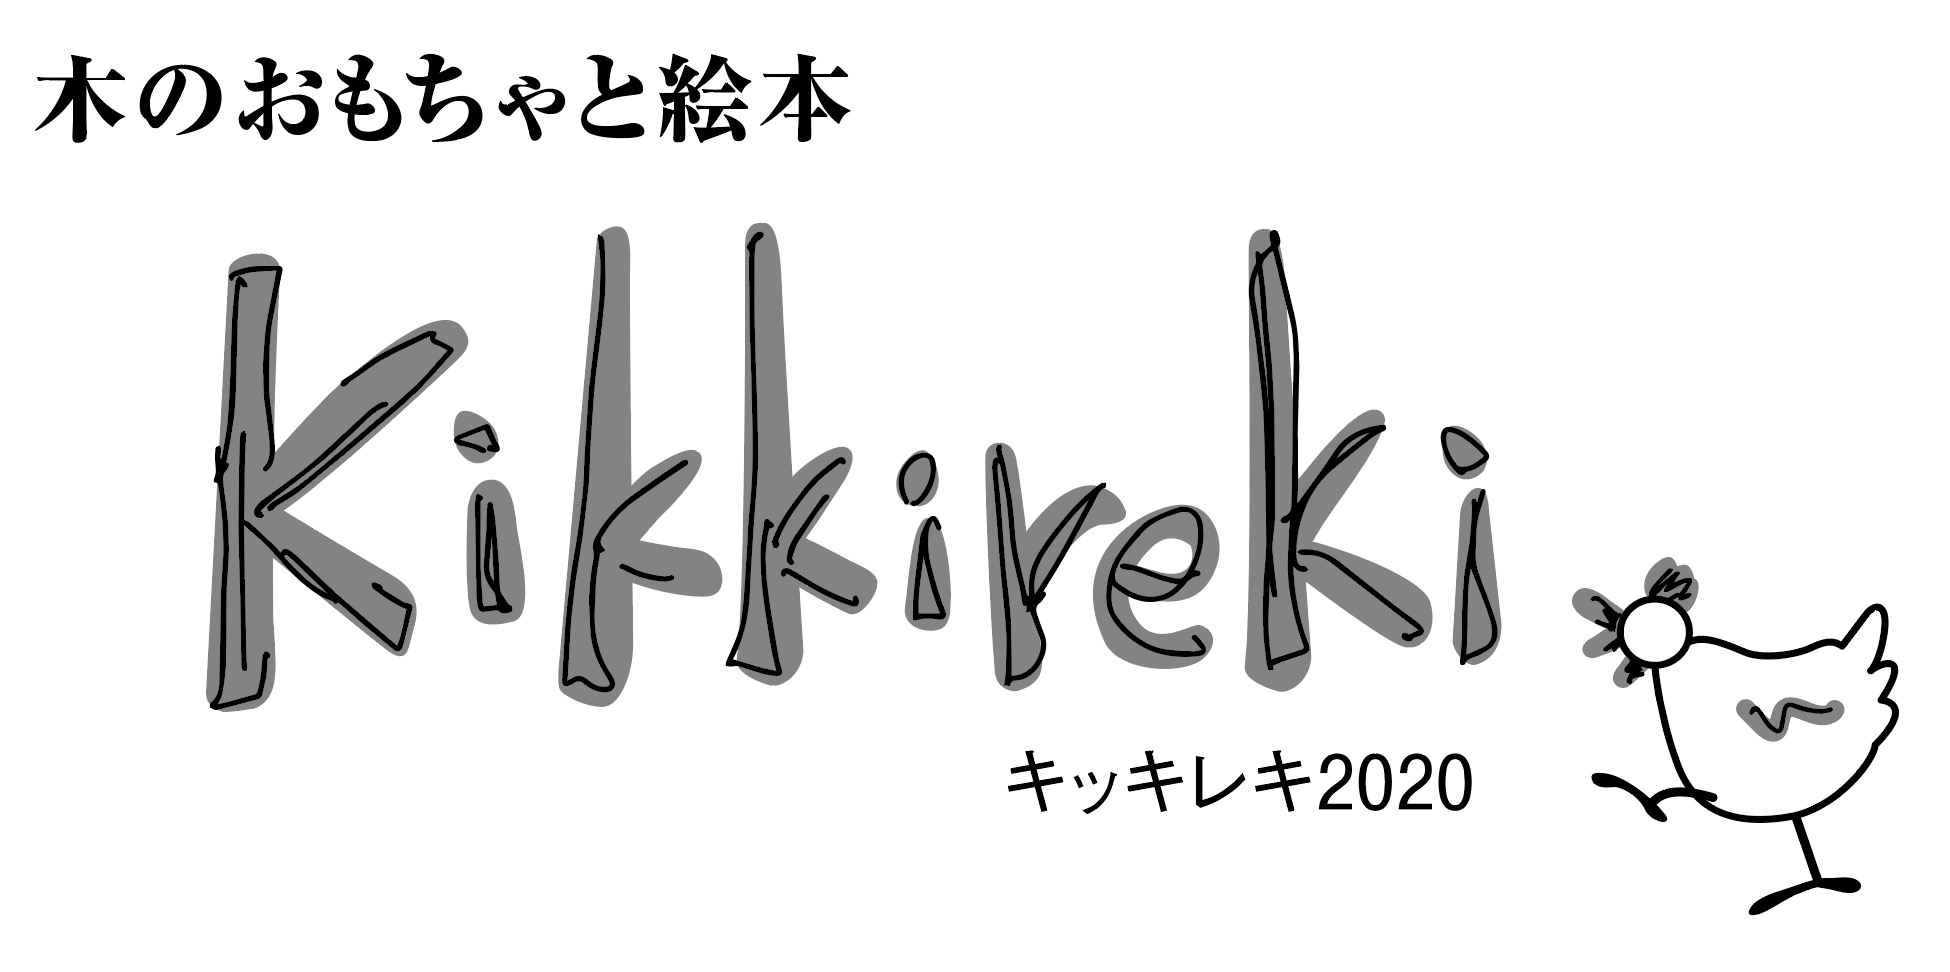 木のおもちゃと絵本 kikkireki